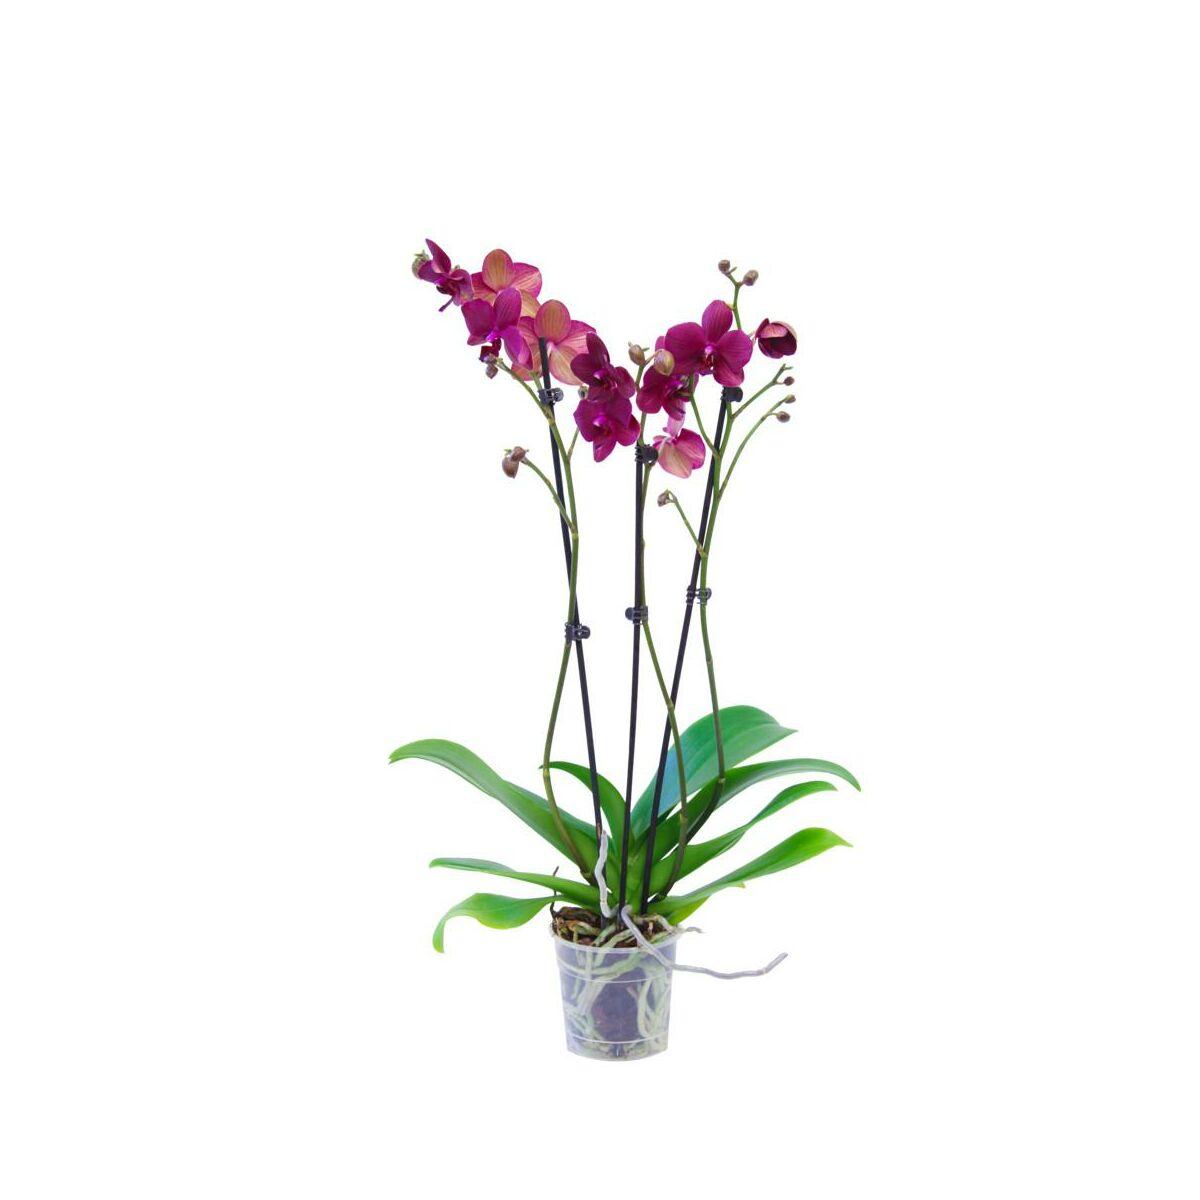 Storczyk Falenopsis 3 Pedy Mix 50 70 Cm Rosliny Kwitnace W Atrakcyjnej Cenie W Sklepach Leroy Merlin